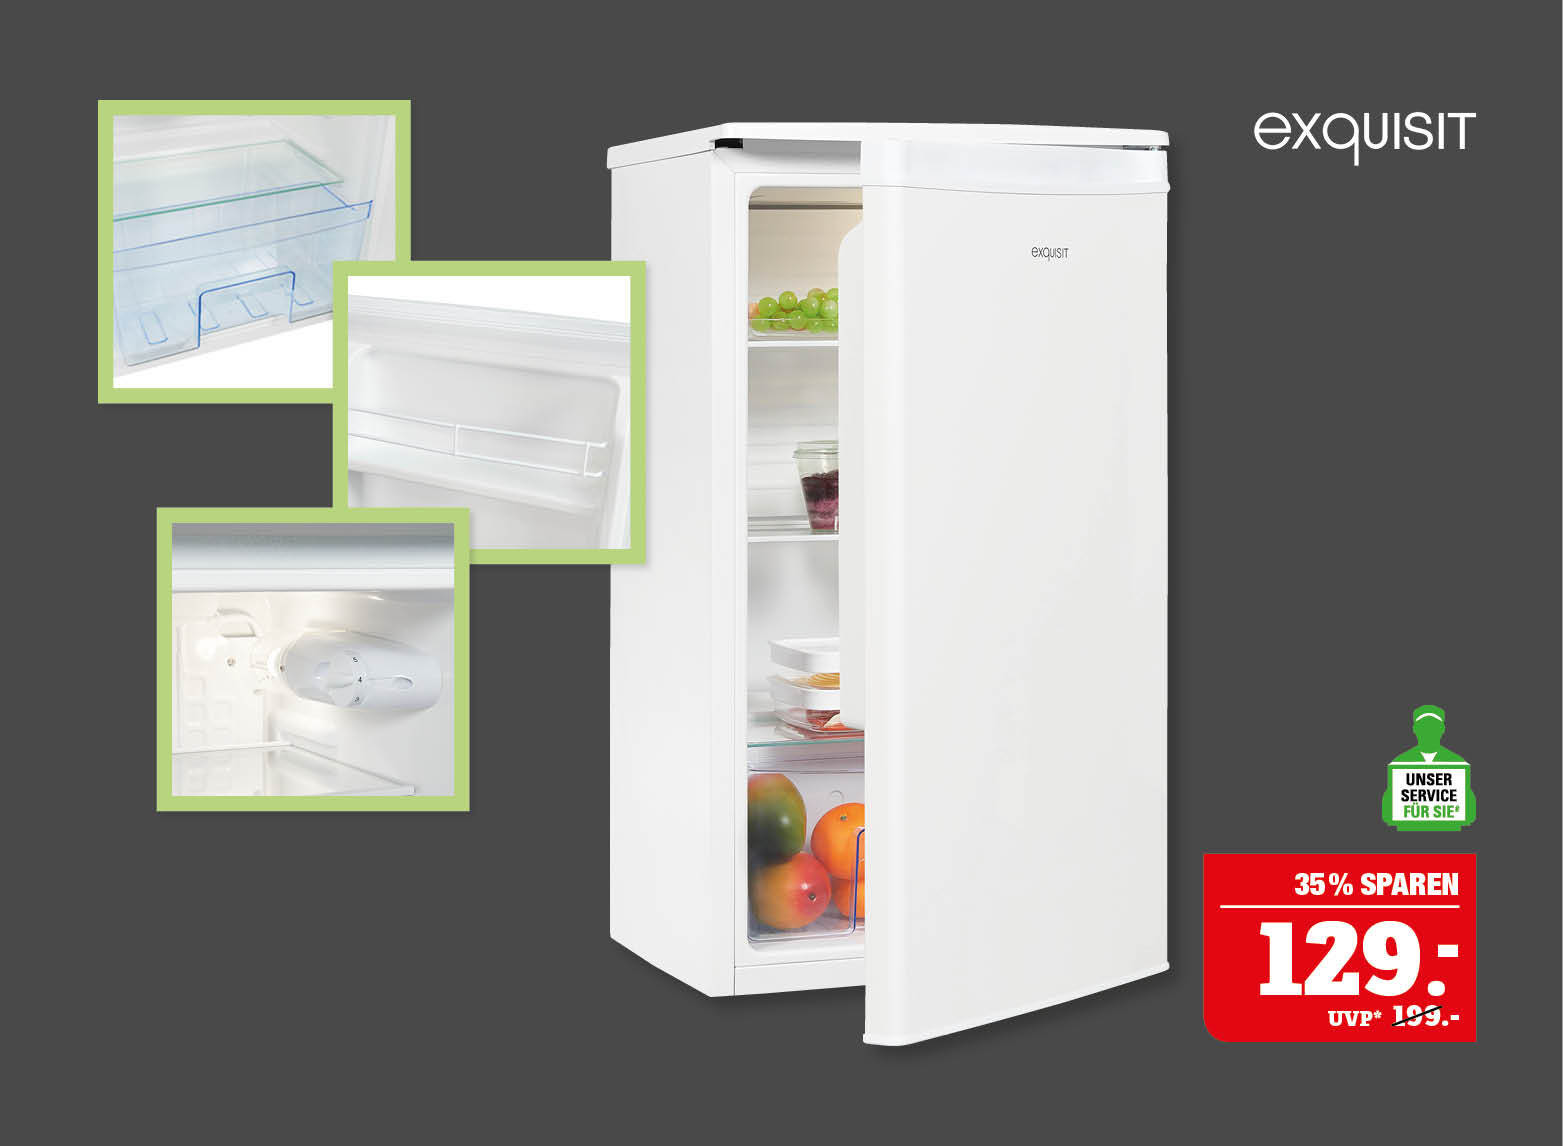 exquisit Vollraum-Kühlschrank Nutzinhalt: ca.82Liter. Innenbeleuchtung, Temperaturregelung, 3 Glasablagen – davon 2 verstellbar, 2 Türablagen davon 1 Flaschenregal. Energieeffizienzklasse F (Skala A bis G).